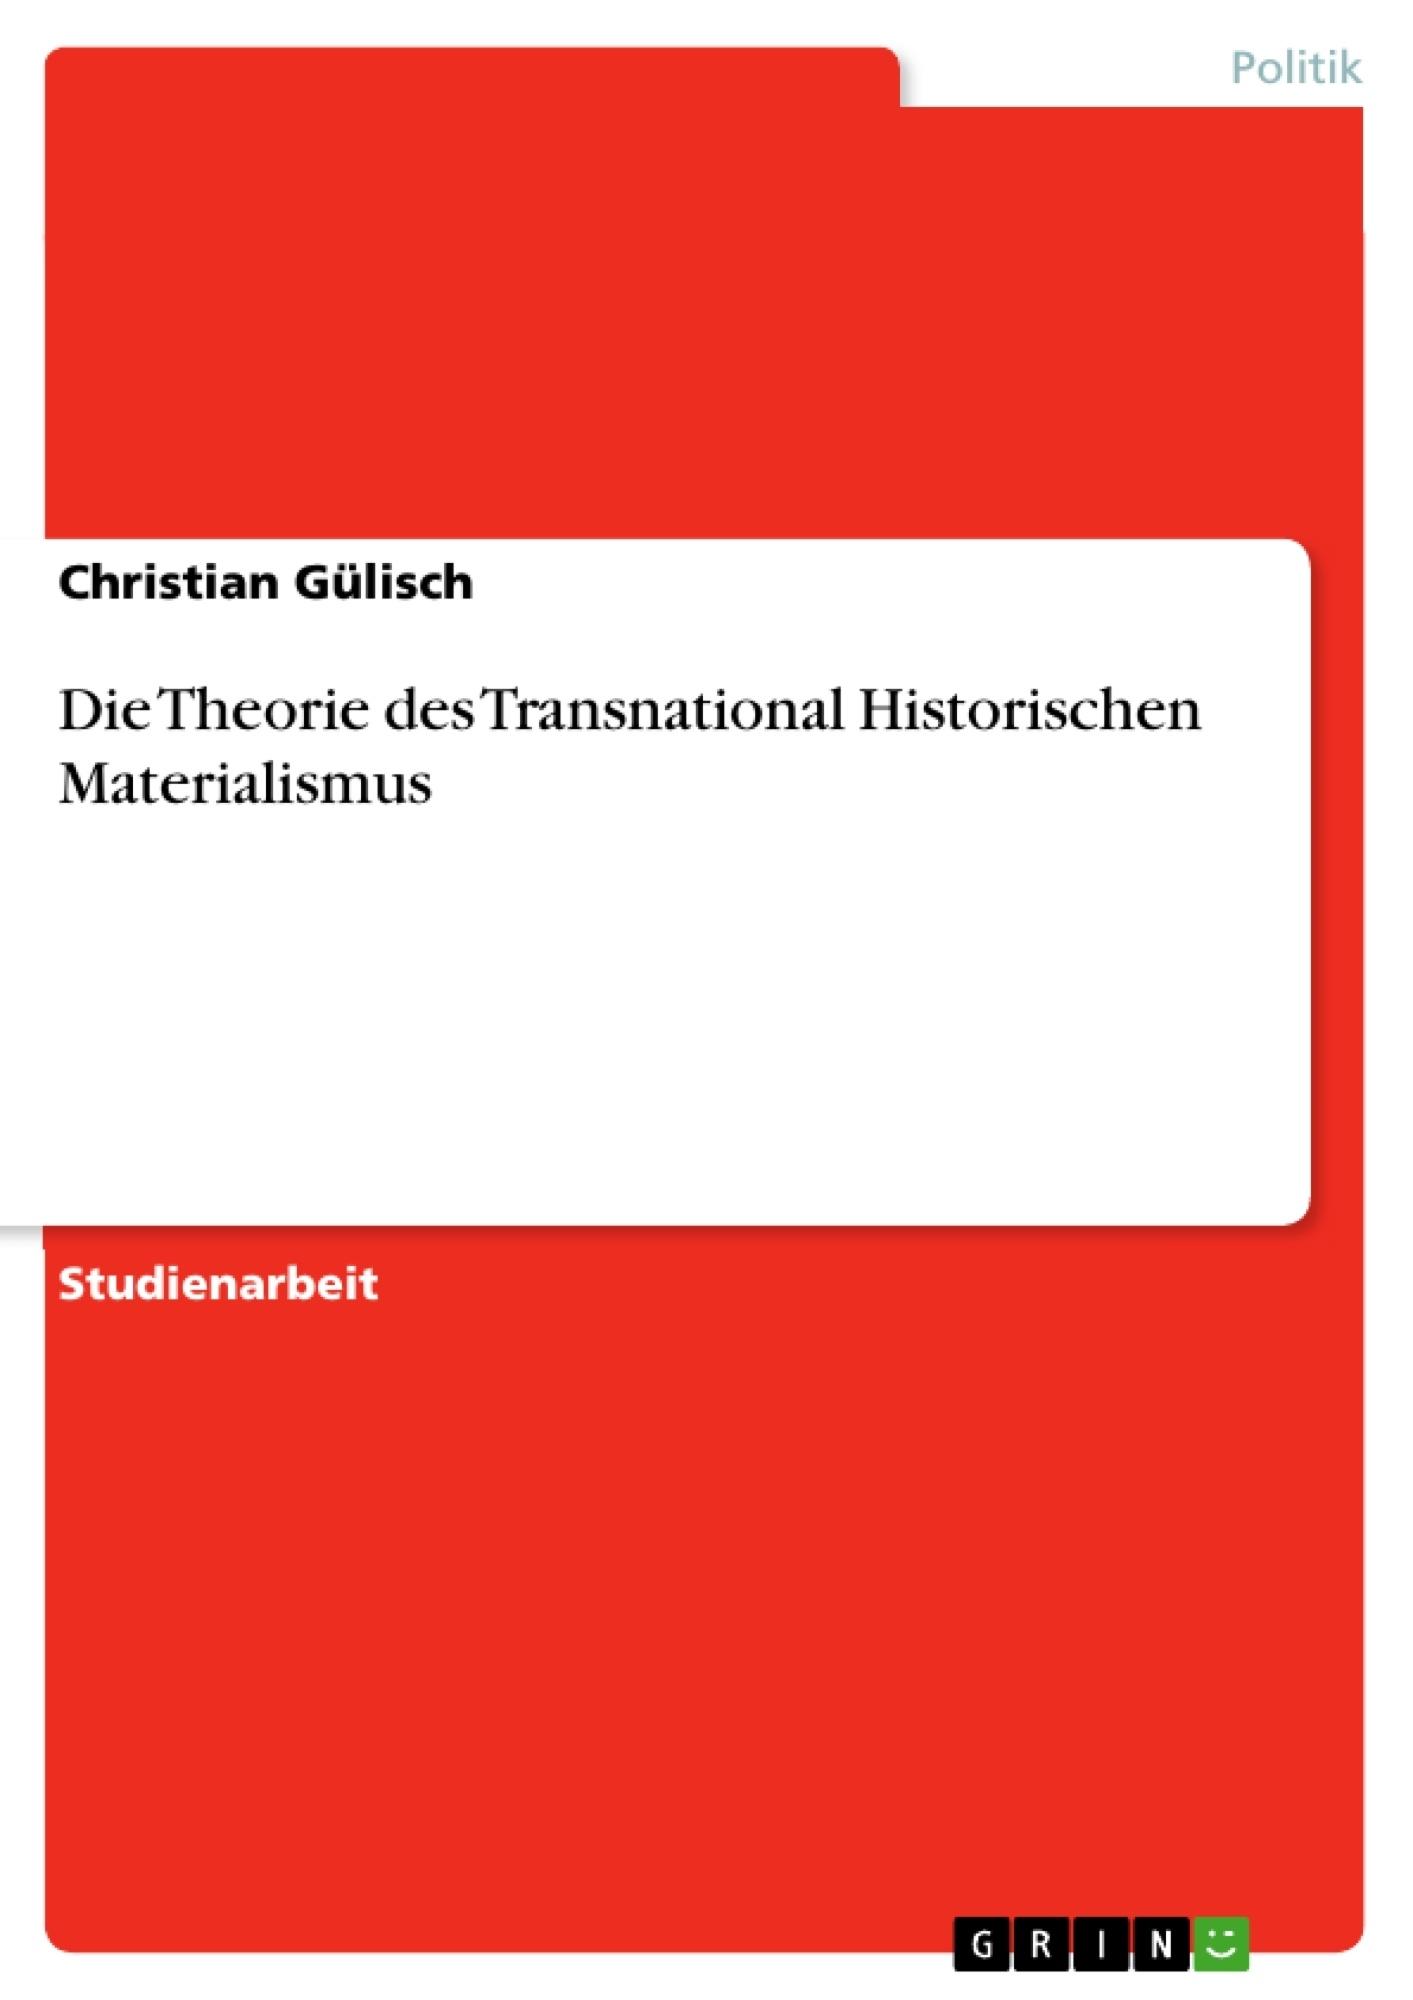 Titel: Die Theorie des Transnational Historischen Materialismus